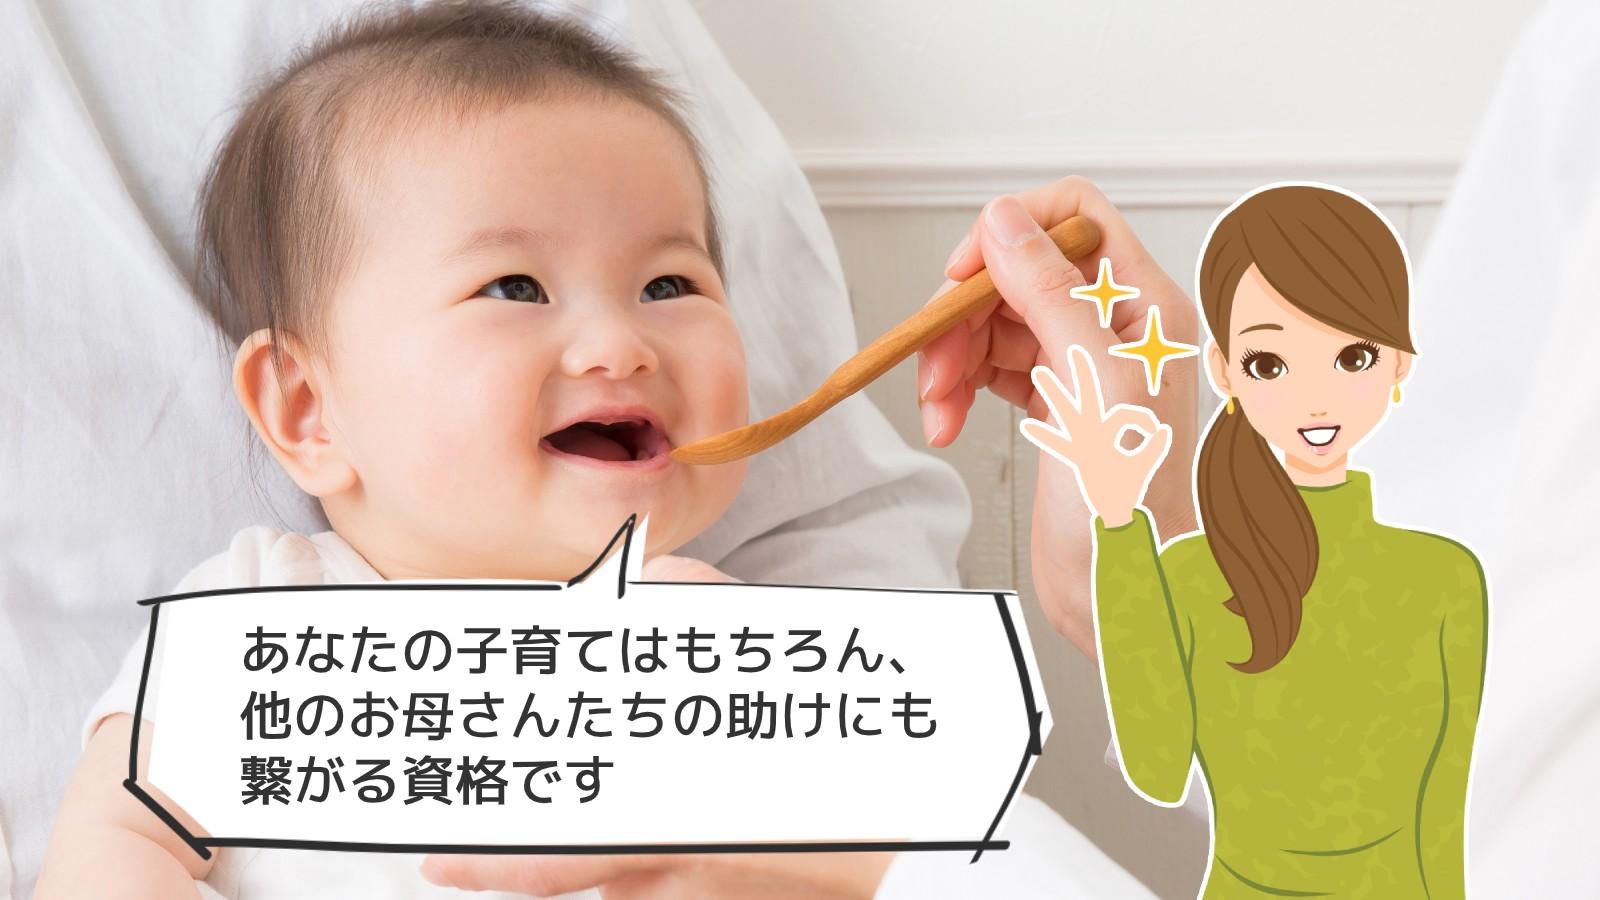 「幼児食資格」のアイキャッチ画像